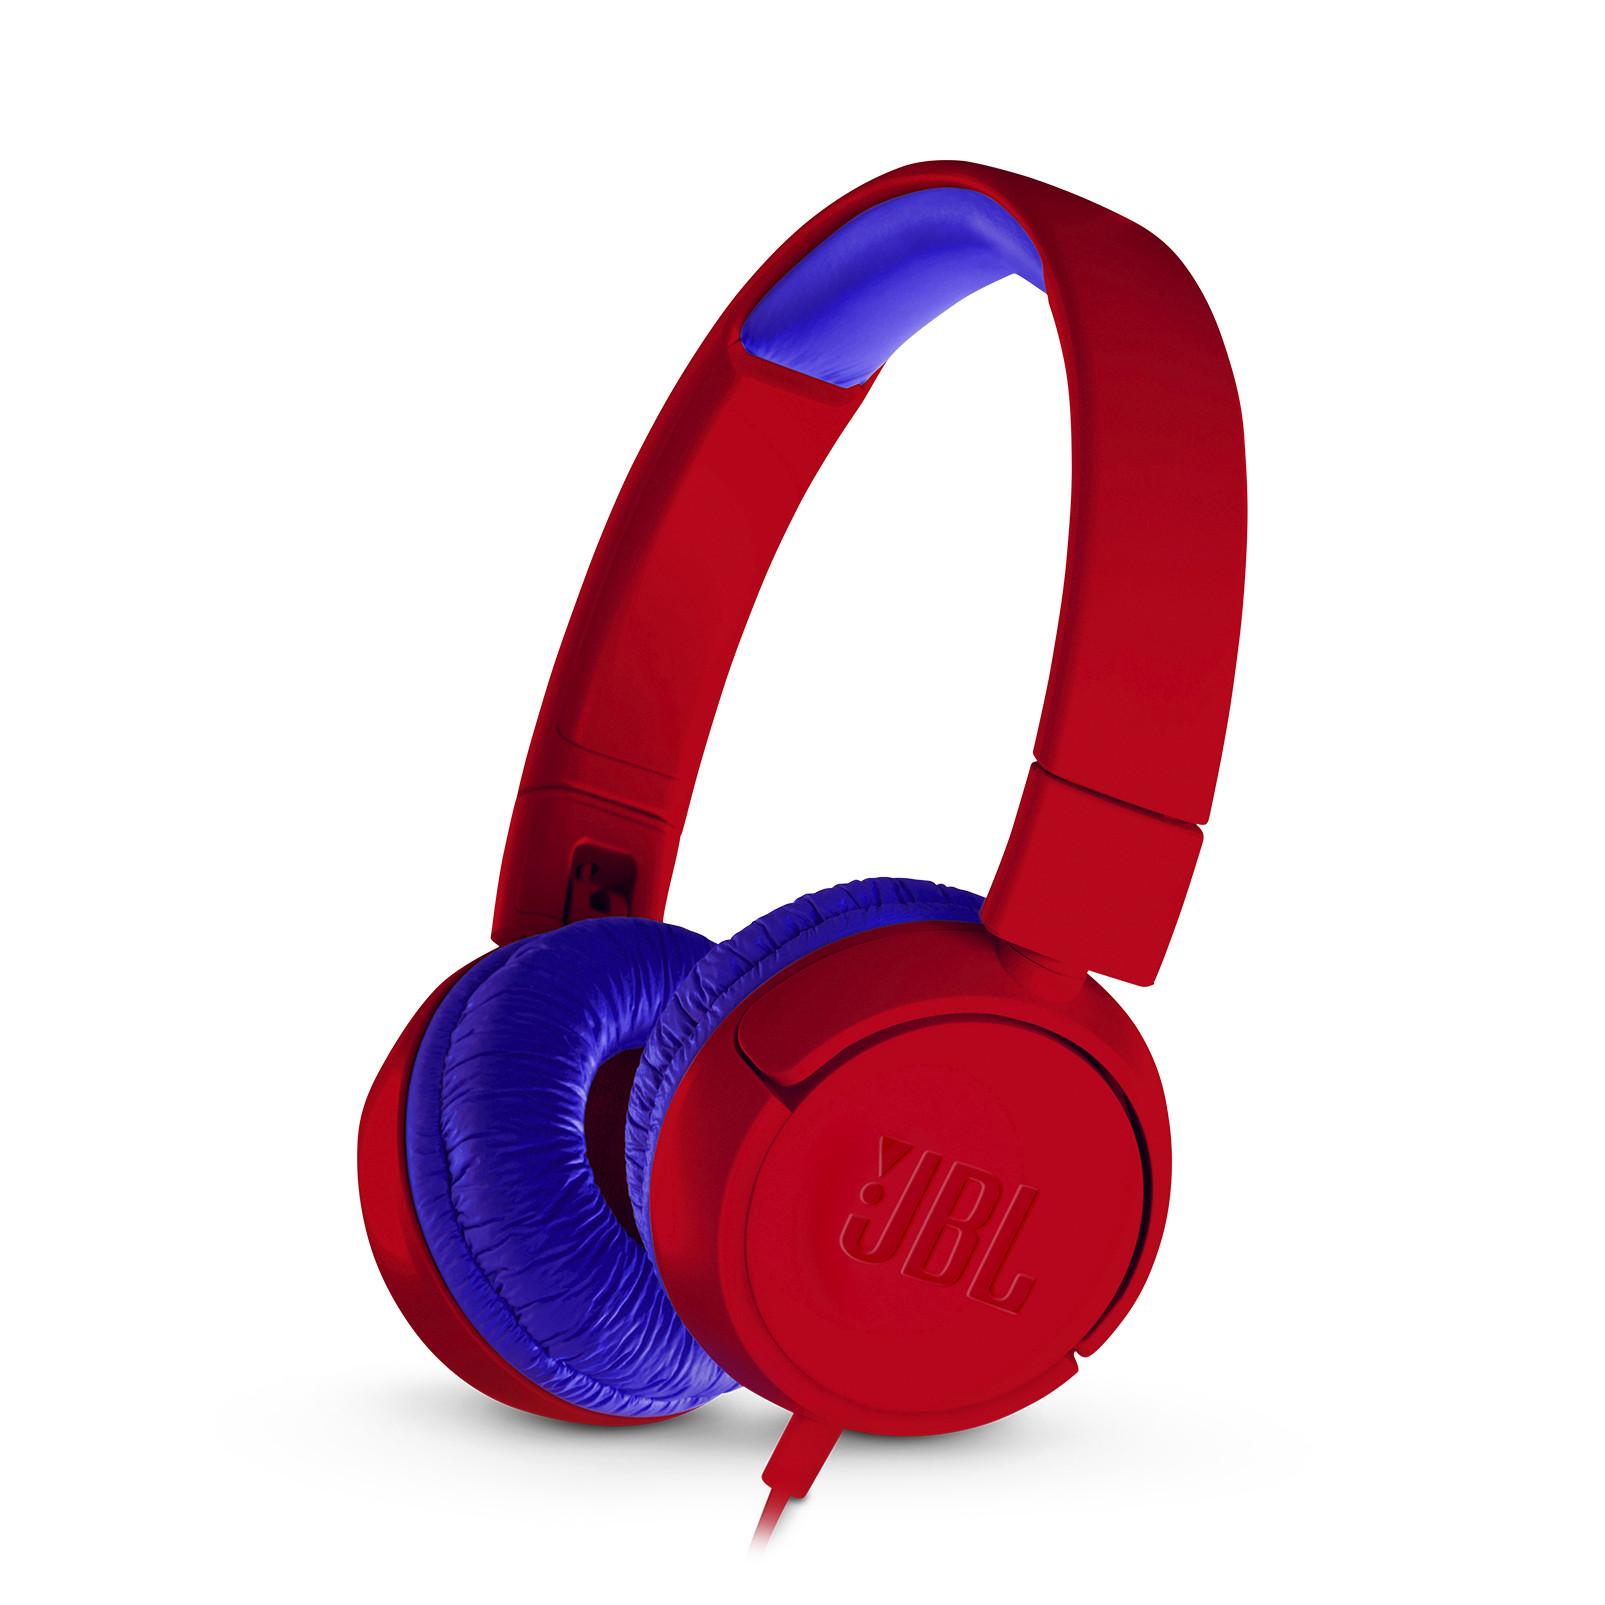 ▲JBL 최초 어린이 전용 헤드폰, 'JR300' 제품이미지